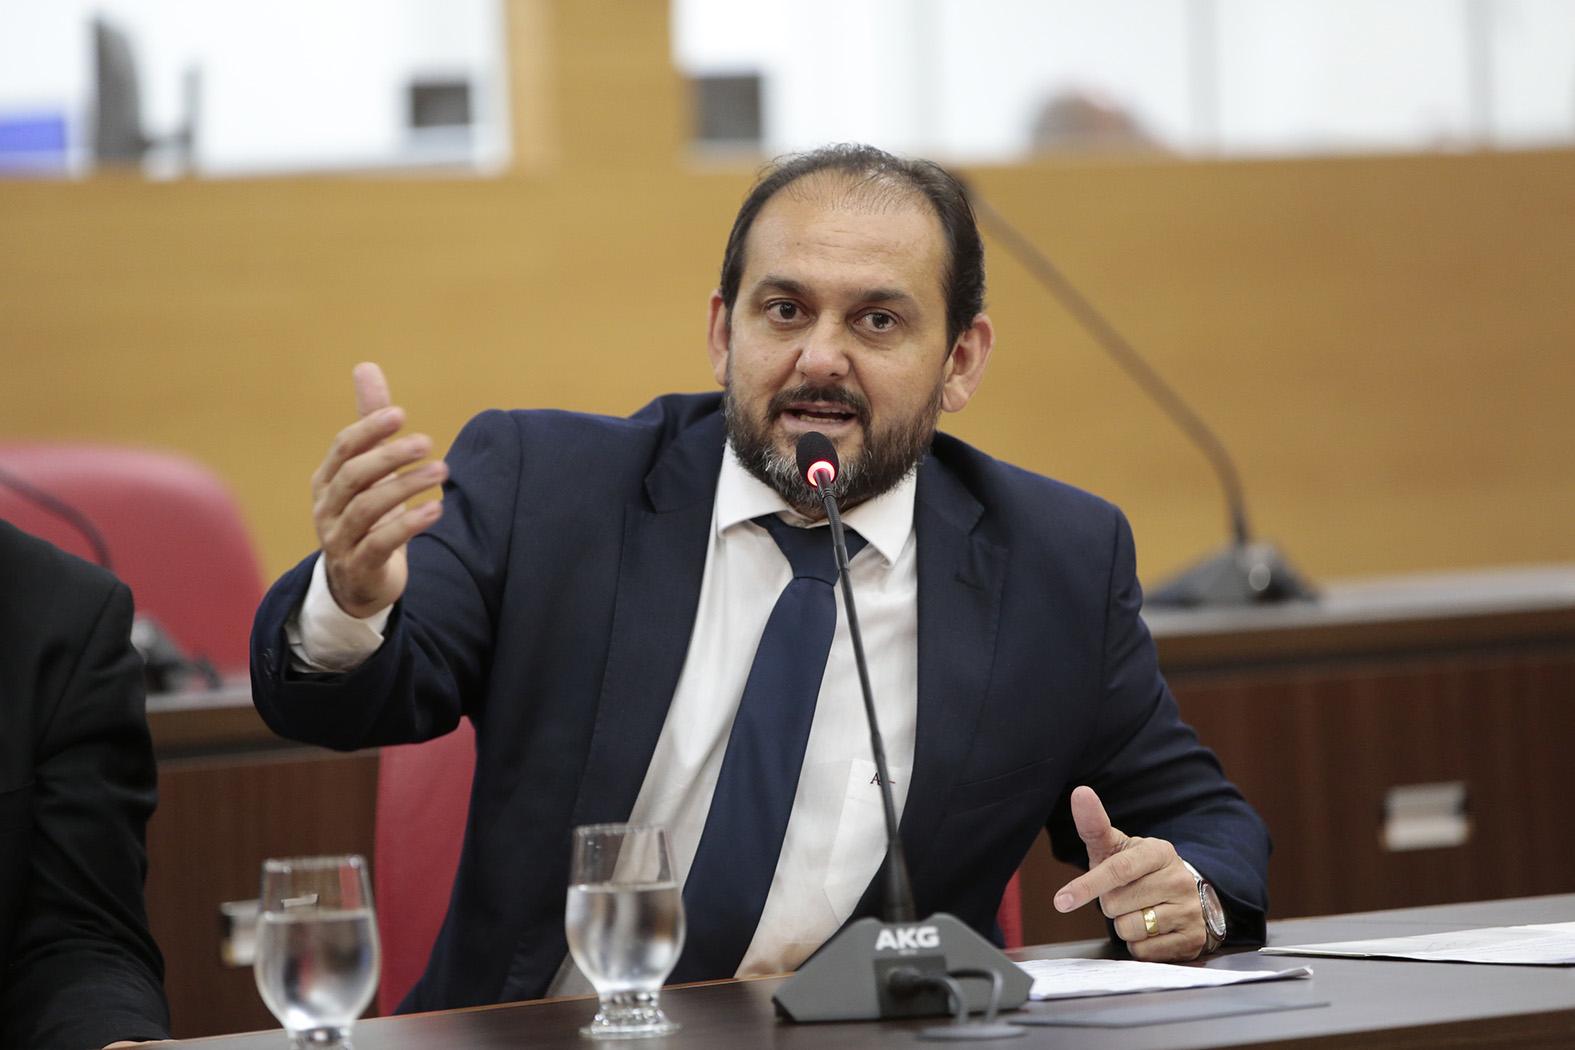 Presidente Laerte Gomes apresenta projeto que proíbe a contratação de condenados pela Lei Maria da Penha